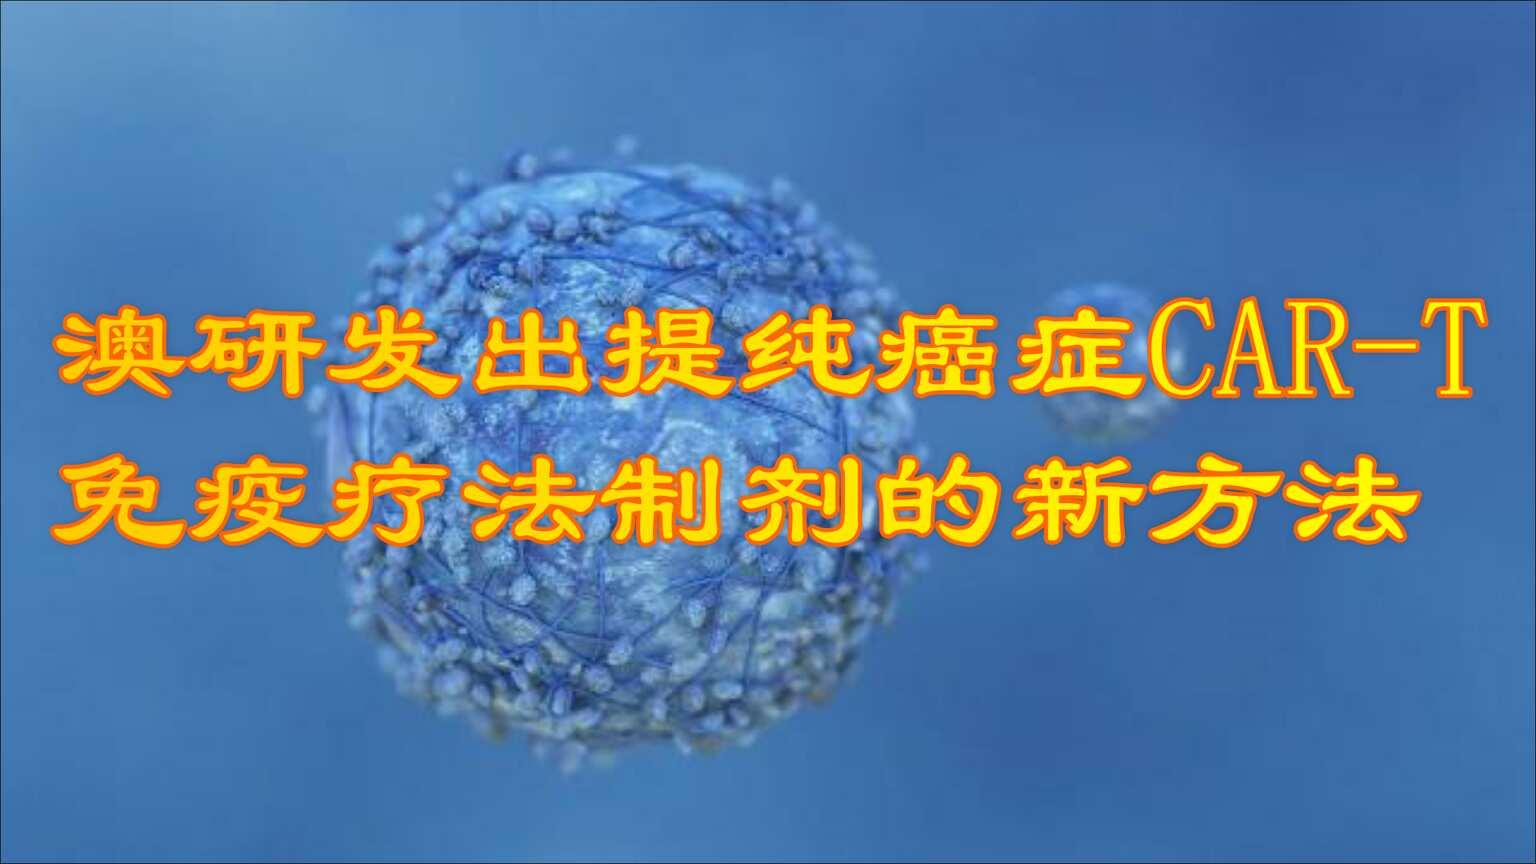 澳研发出提纯癌症CAR-T免疫疗法制剂的新方法